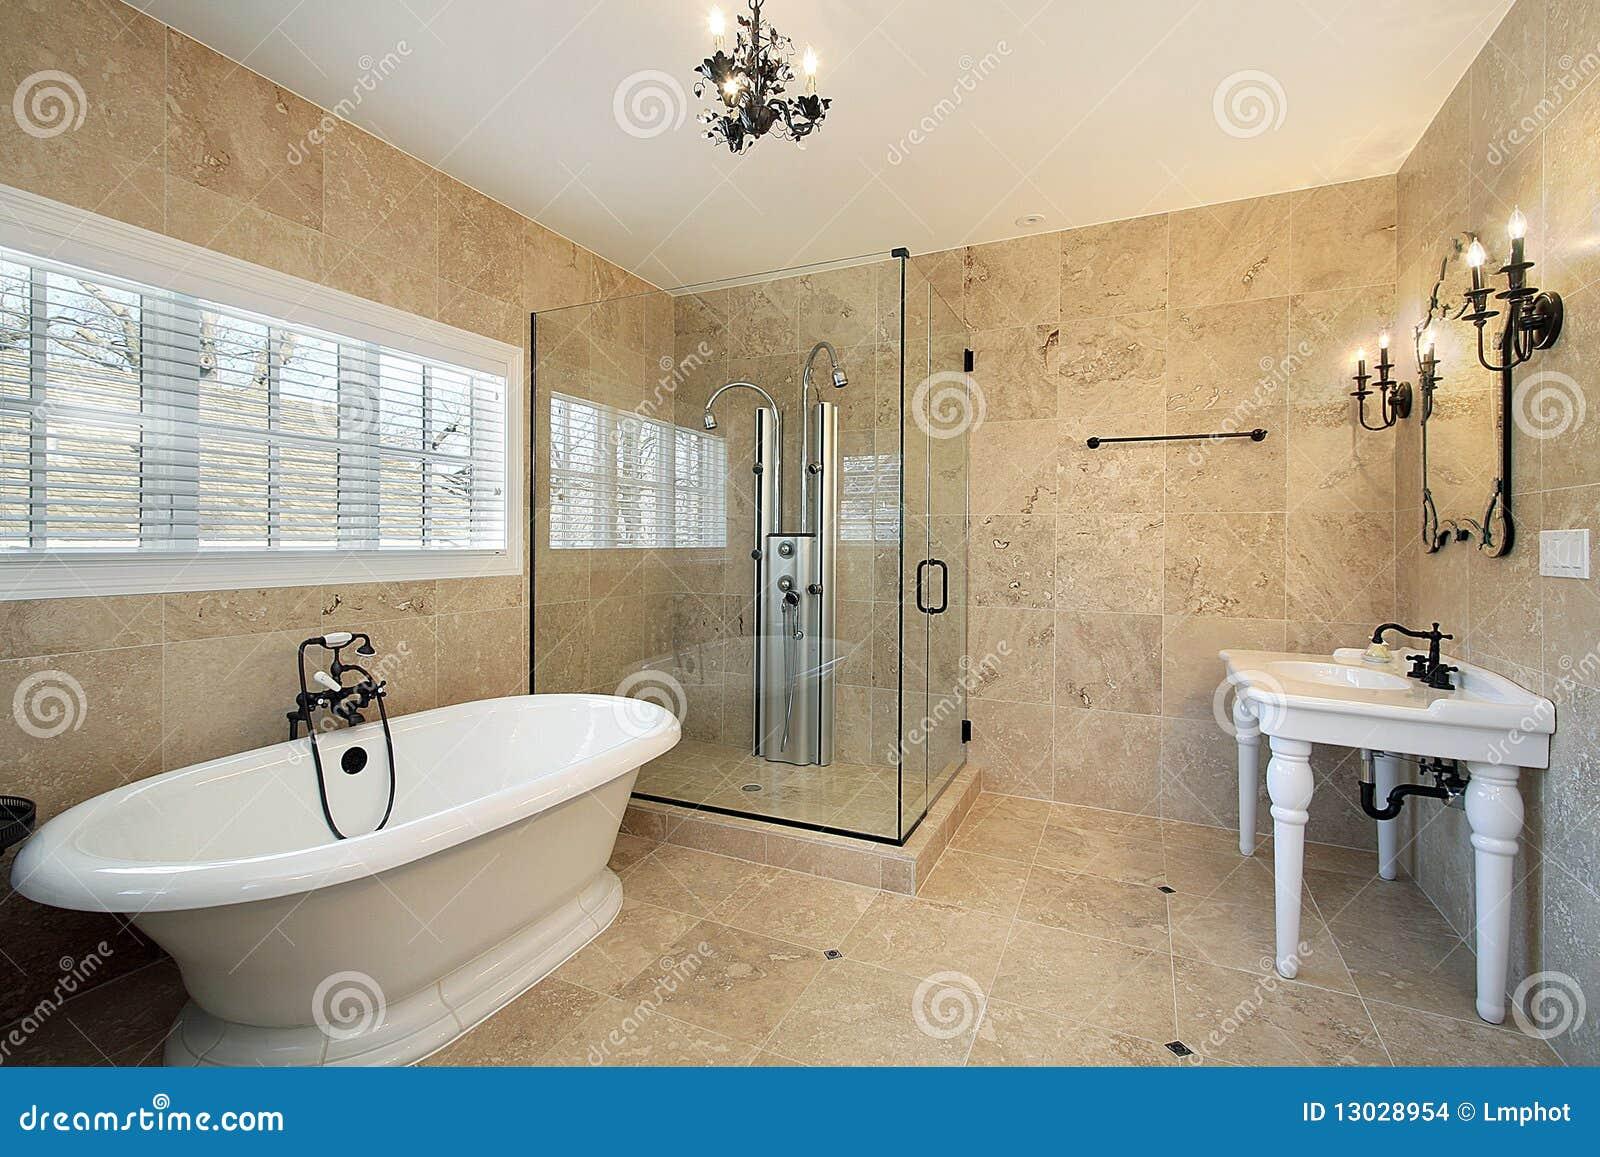 Ba o principal con la ducha de cristal grande imagenes de for Banos con ducha grande